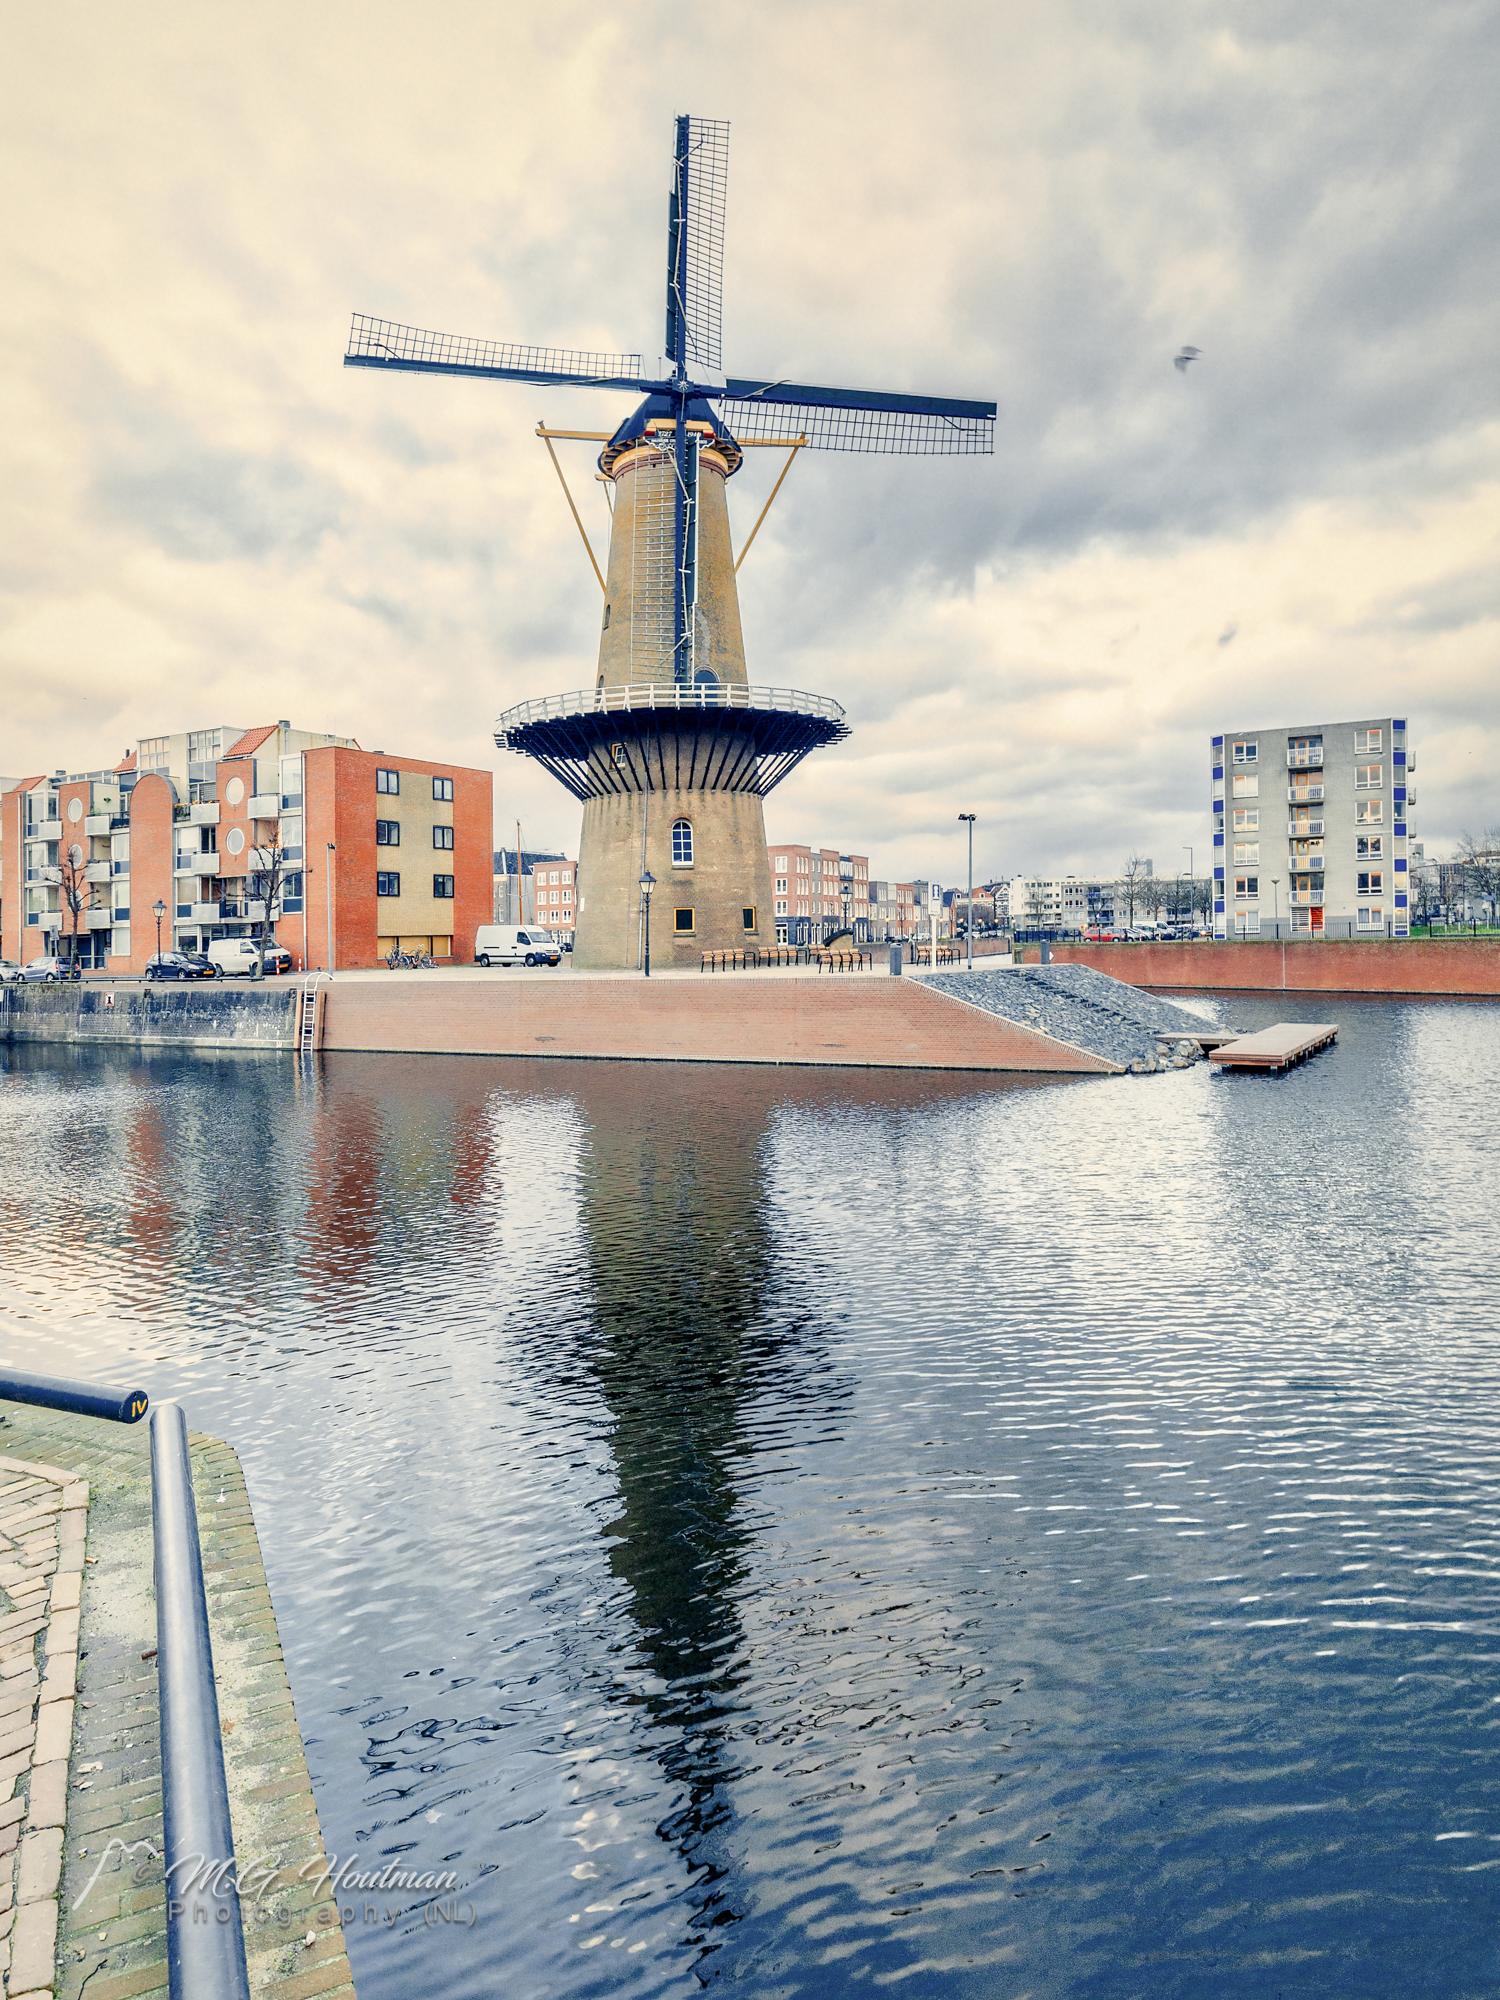 De Distilleerketel - Delfshaven